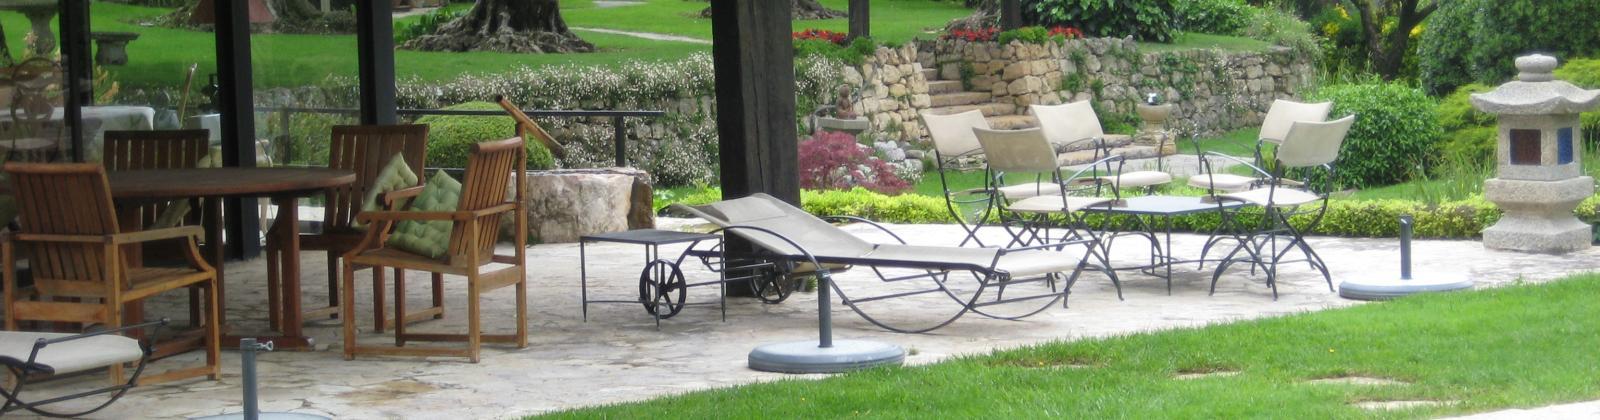 Paysage Jardin <br> Aménagement paysager